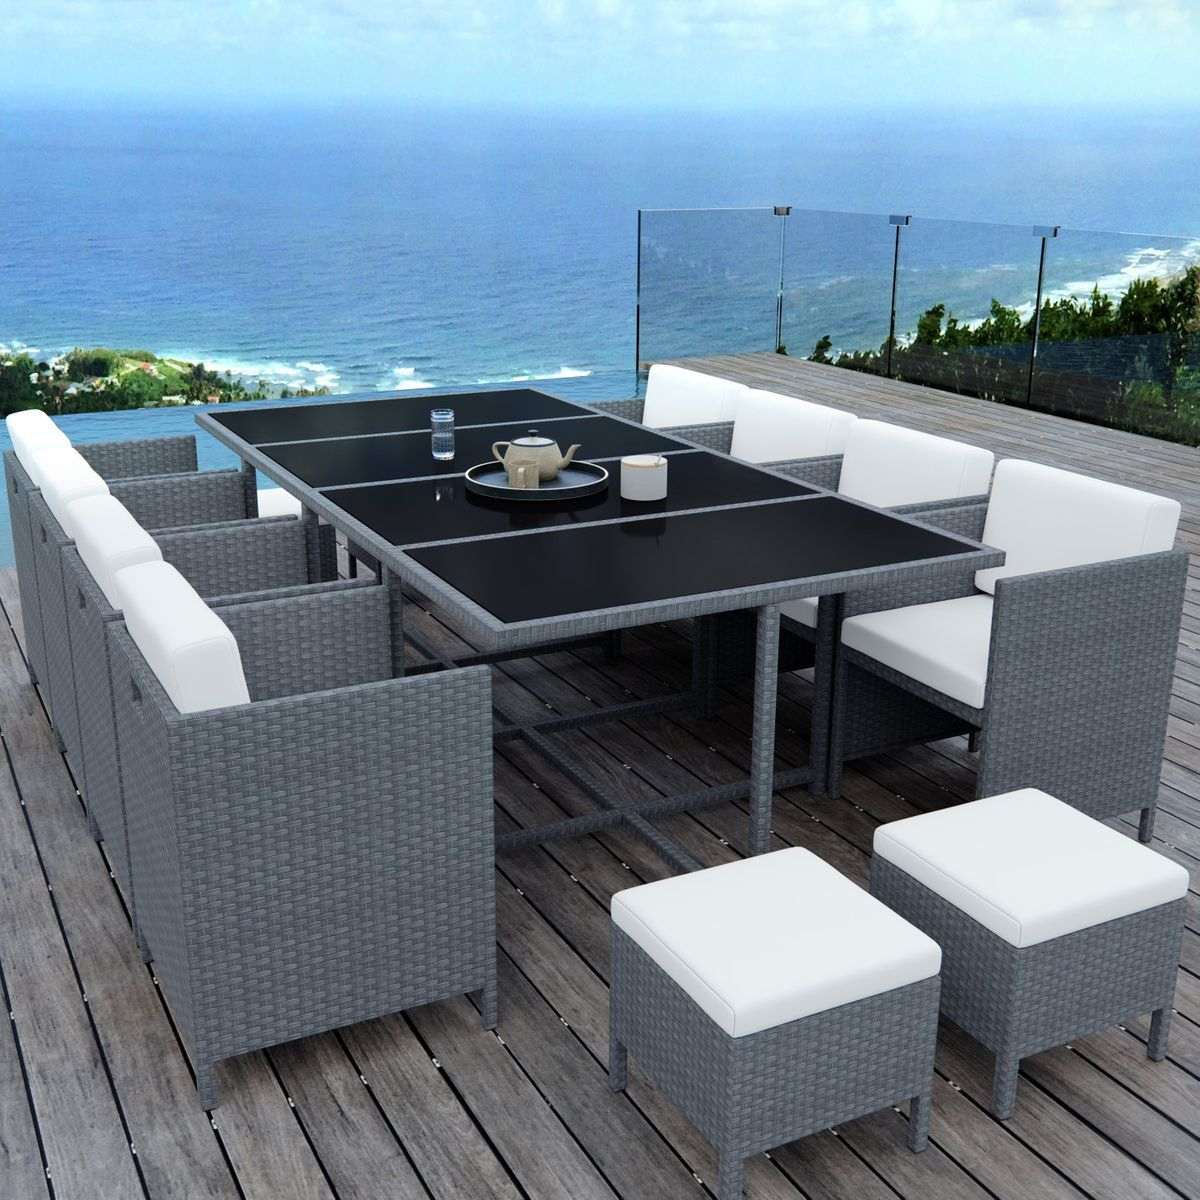 Table De Jardin Encastrable, 12 Places, Résine Tressée ... pour Table De Jardin Chaise Encastrable